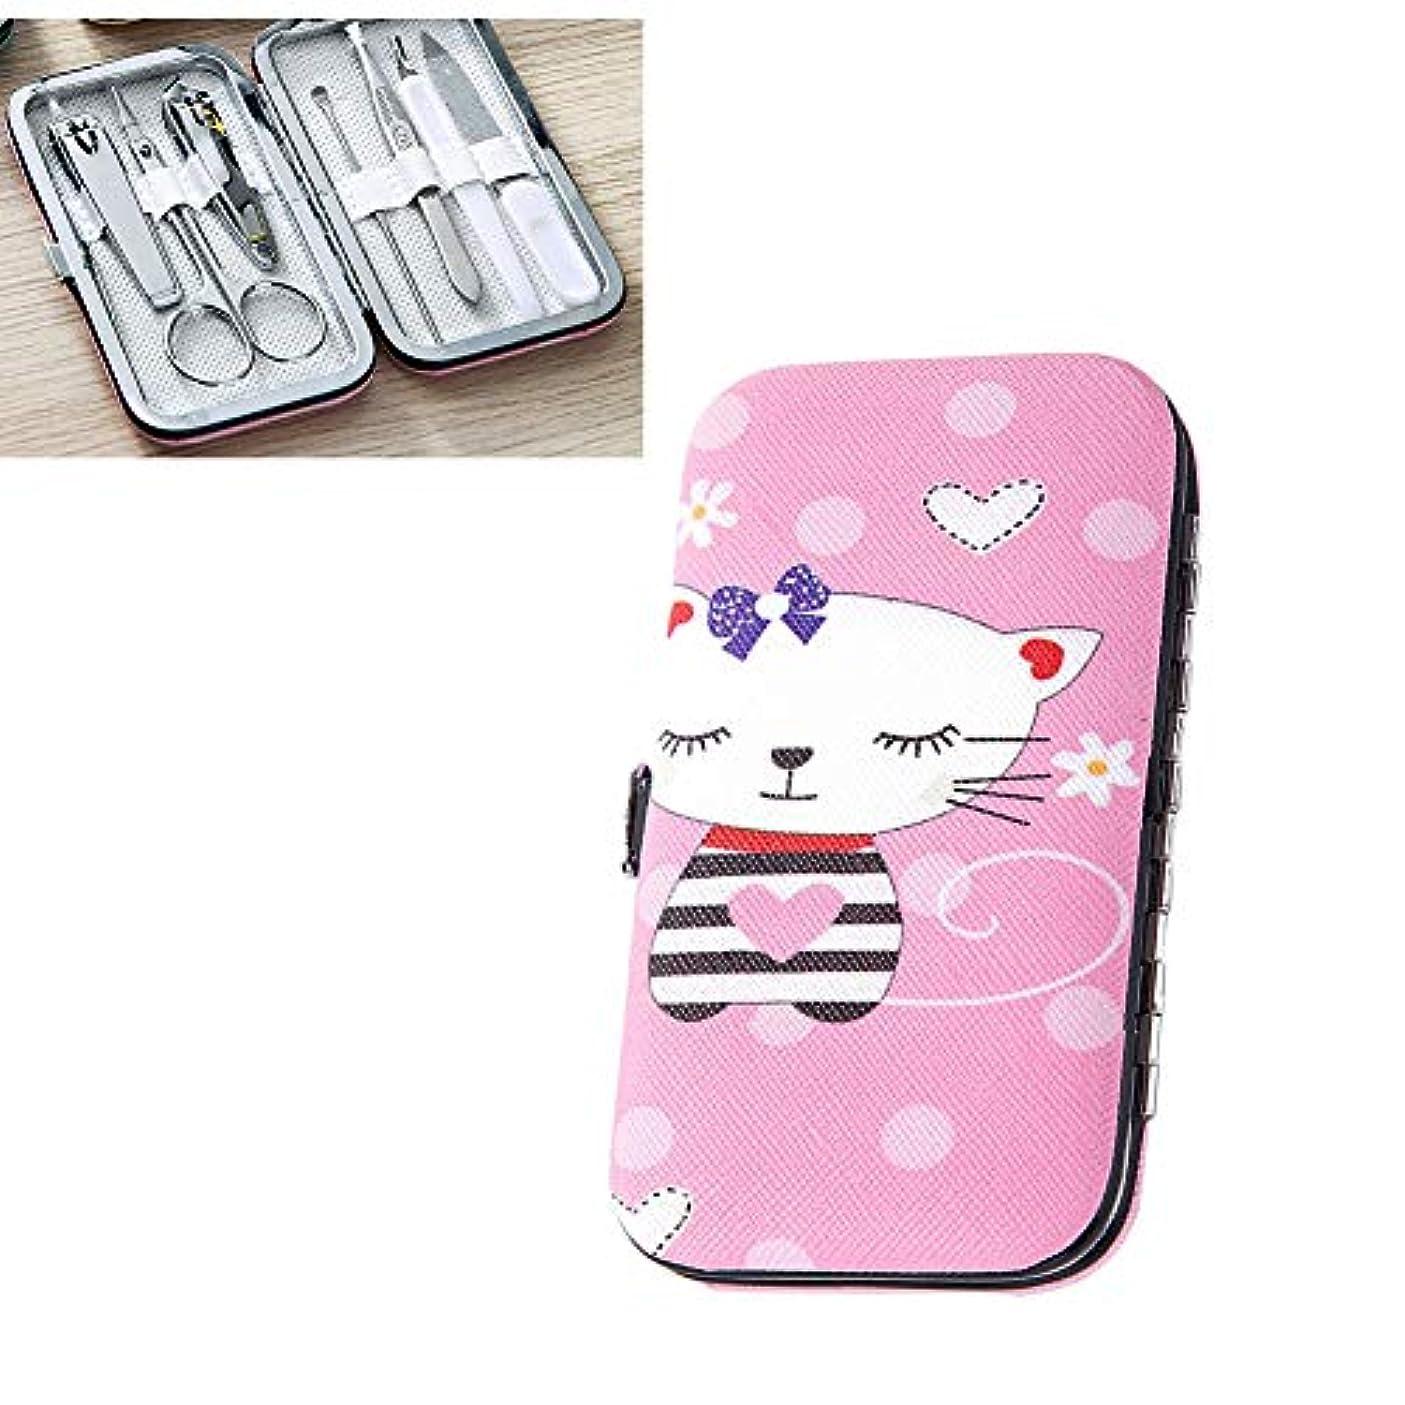 代わってメディア所持Snner 爪切りセット ネイルケアセット 7点セット 手足爪磨き甘皮処理 ステンレス製 収納ケース付き 携帯便利 旅行用 家庭用 贈り物 可愛い (ピンク 猫)